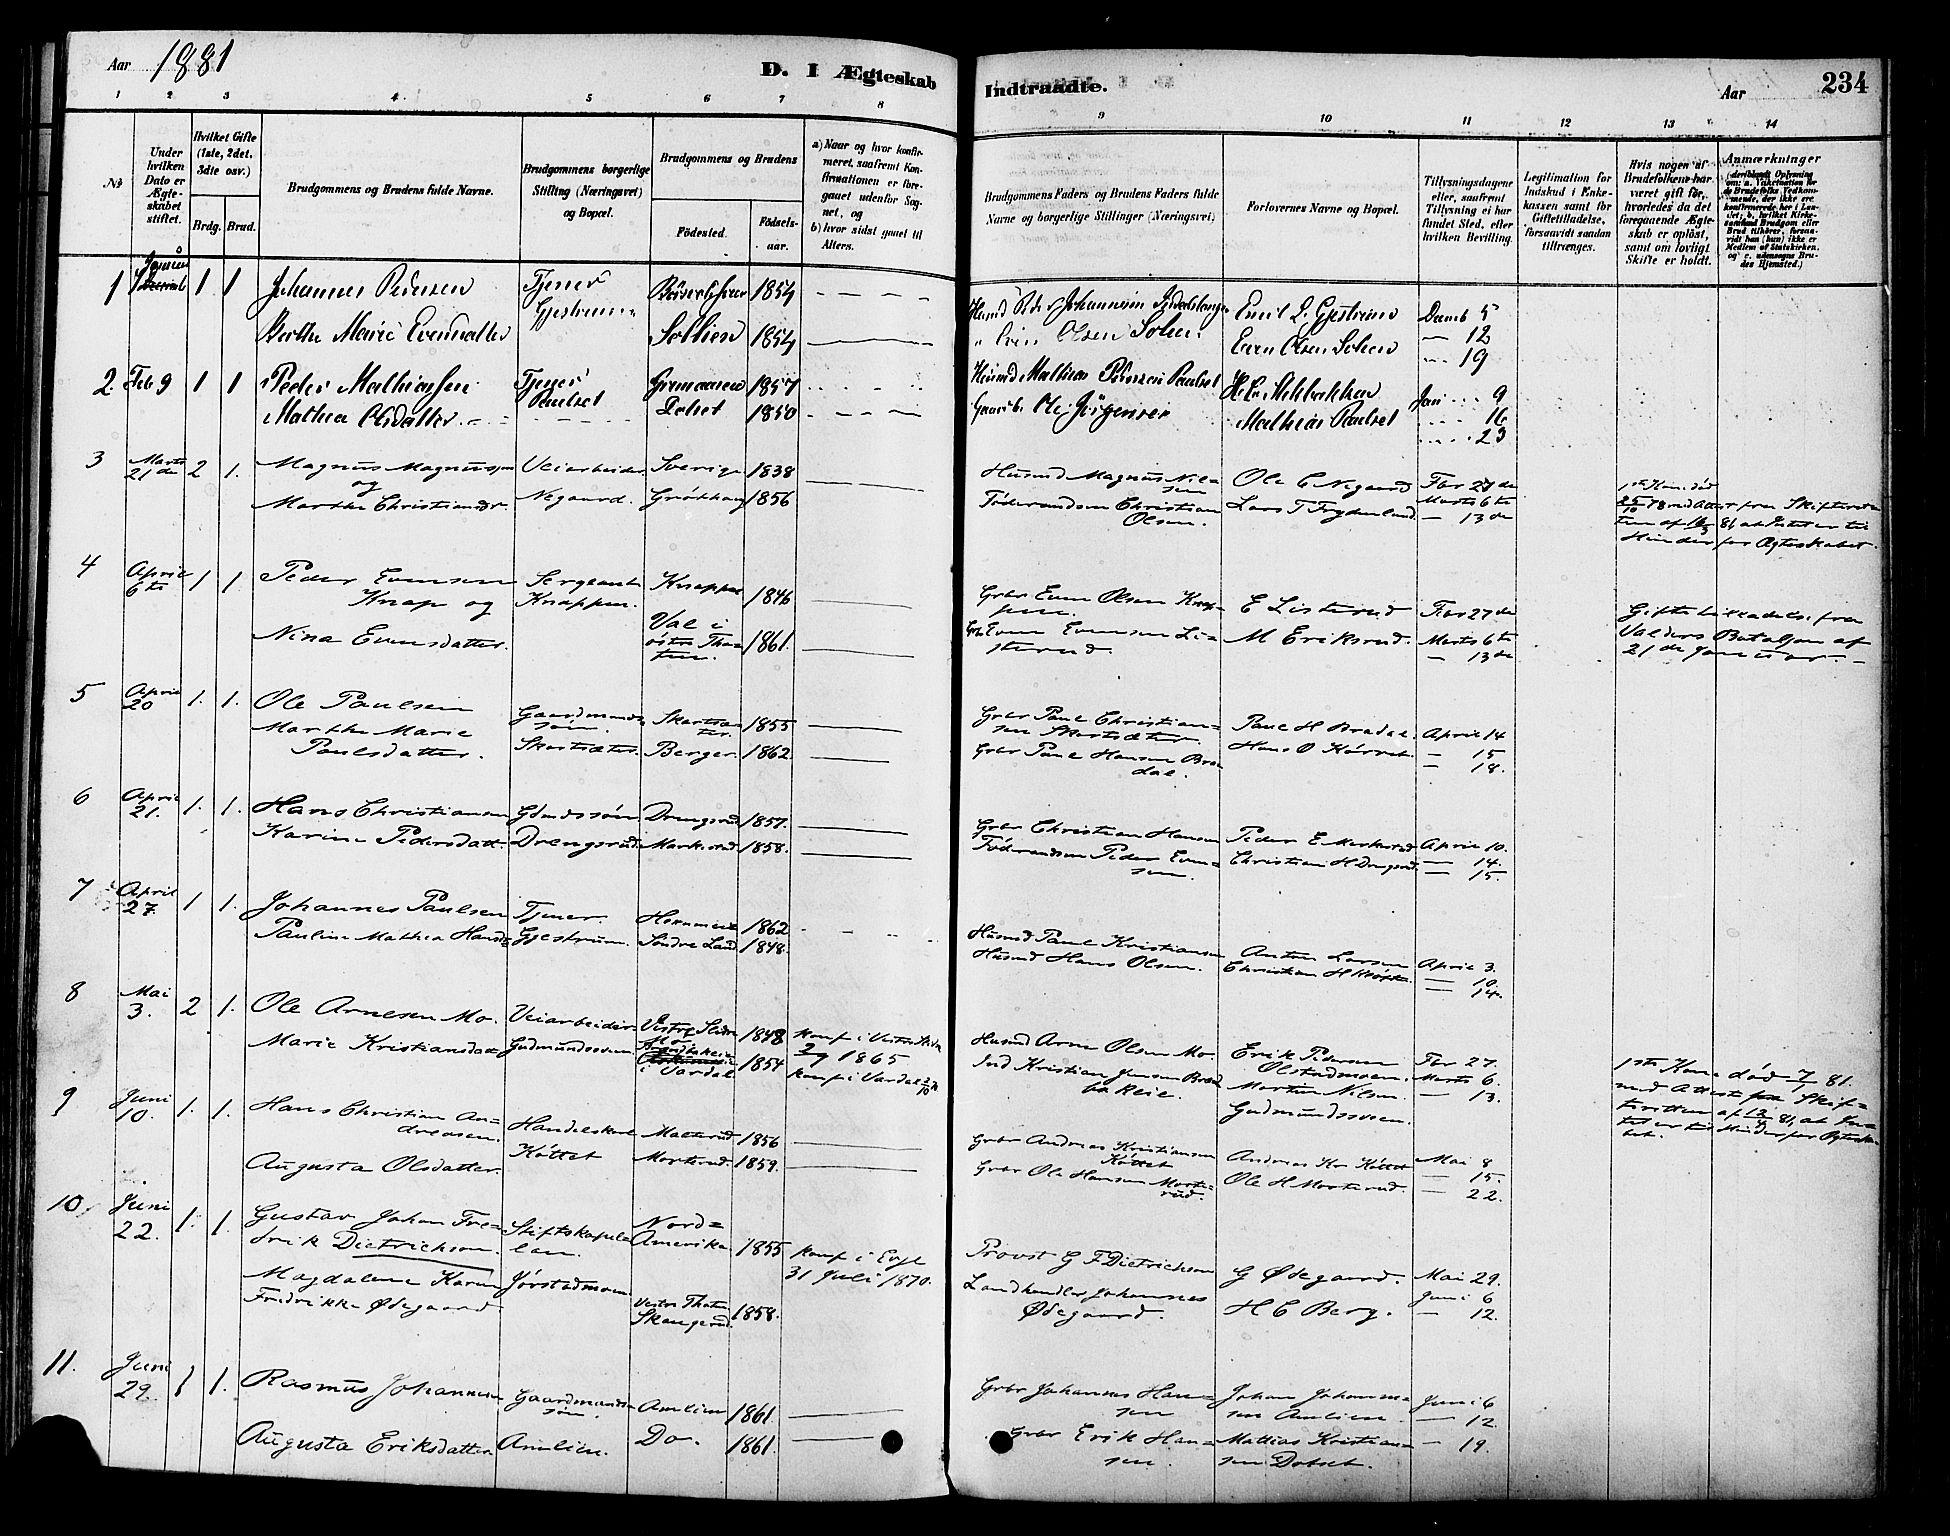 SAH, Vestre Toten prestekontor, Ministerialbok nr. 9, 1878-1894, s. 234